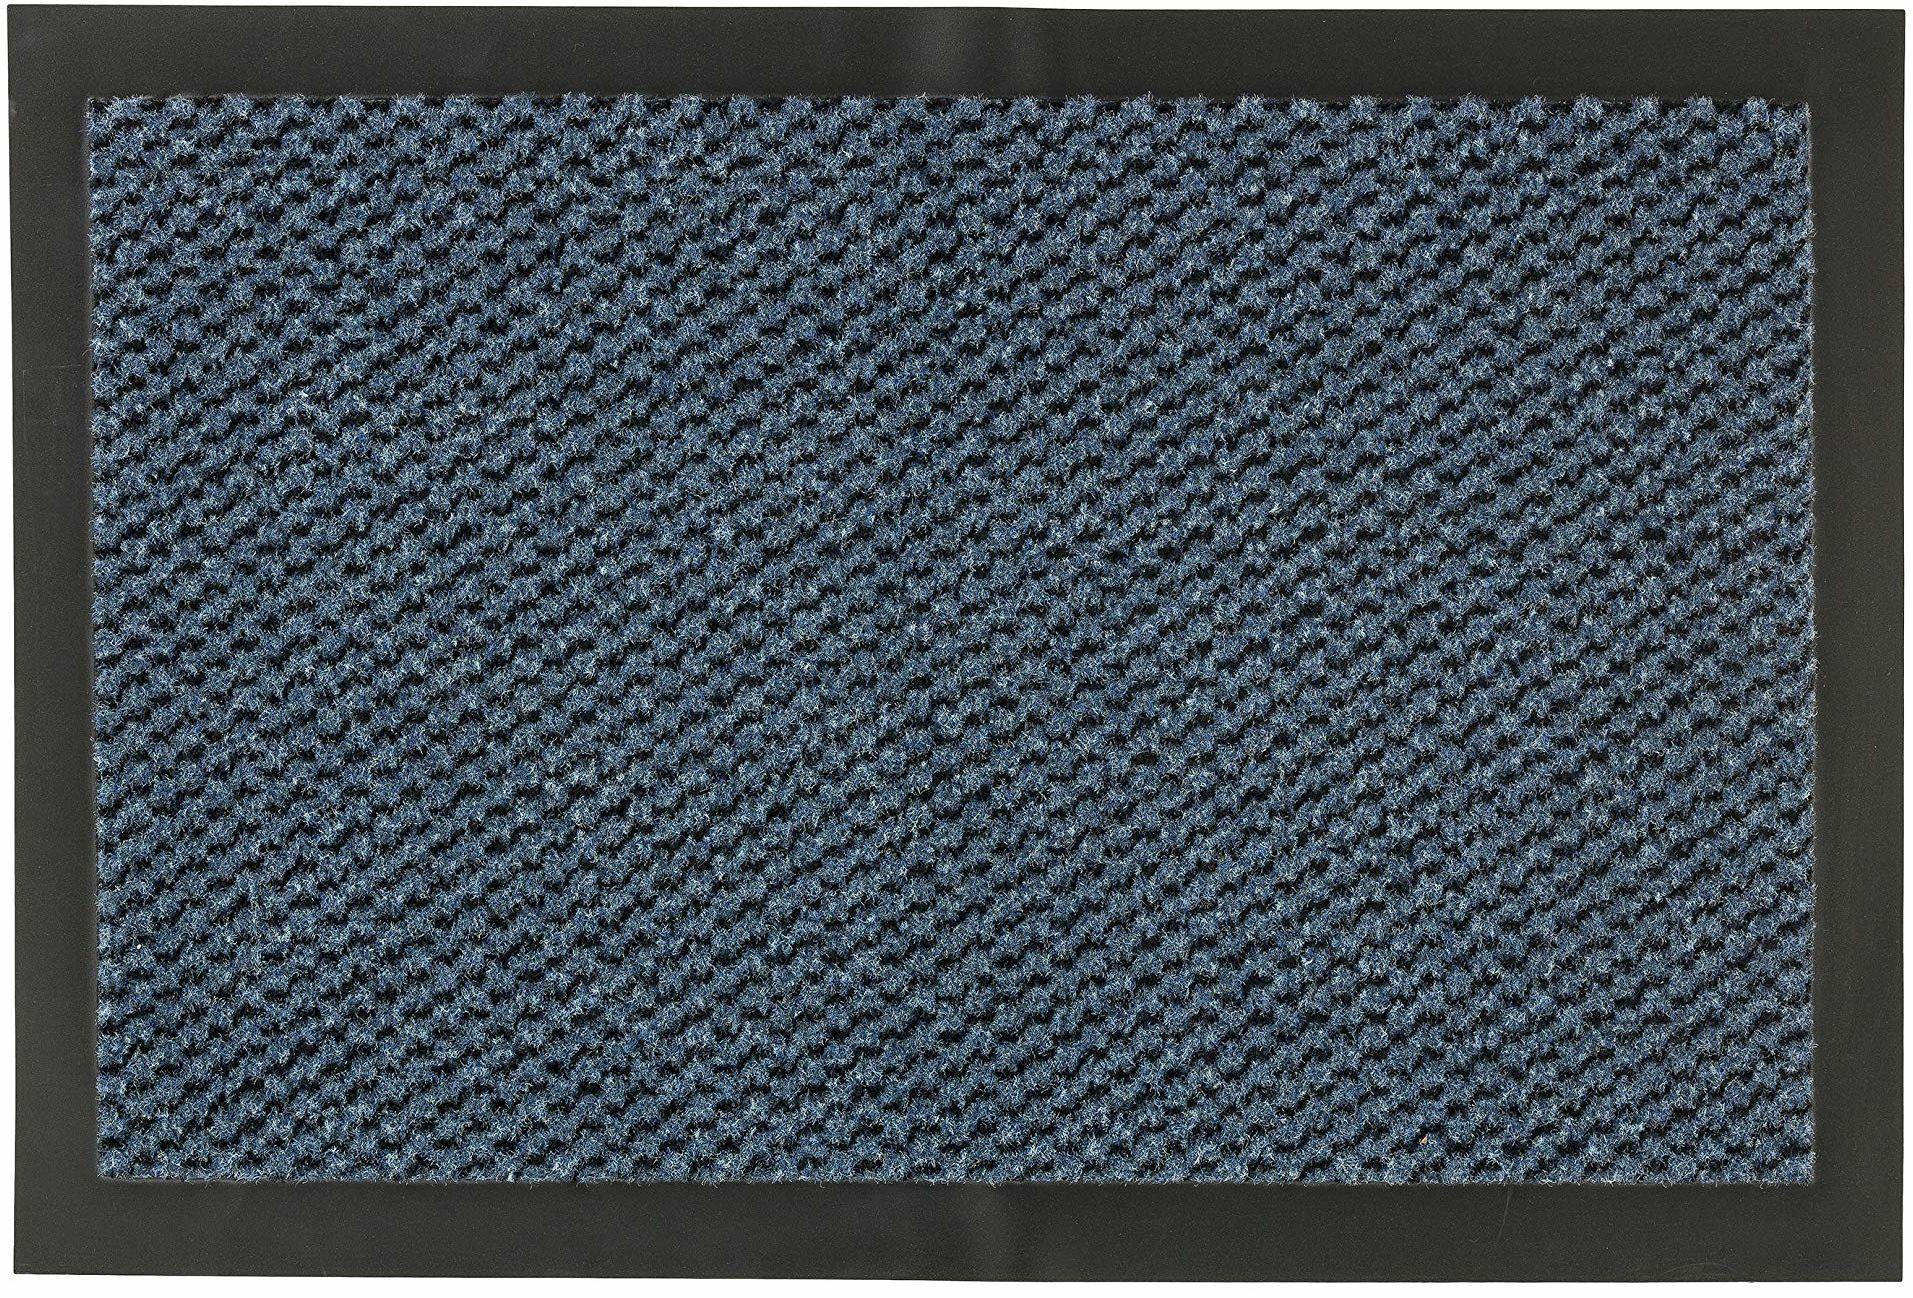 Carpido Wycieraczka 80 x 120 cm do użytku w pomieszczeniach  wycieraczka szybko schnie  antypoślizgowa wycieraczka na niebiesko melanżowa